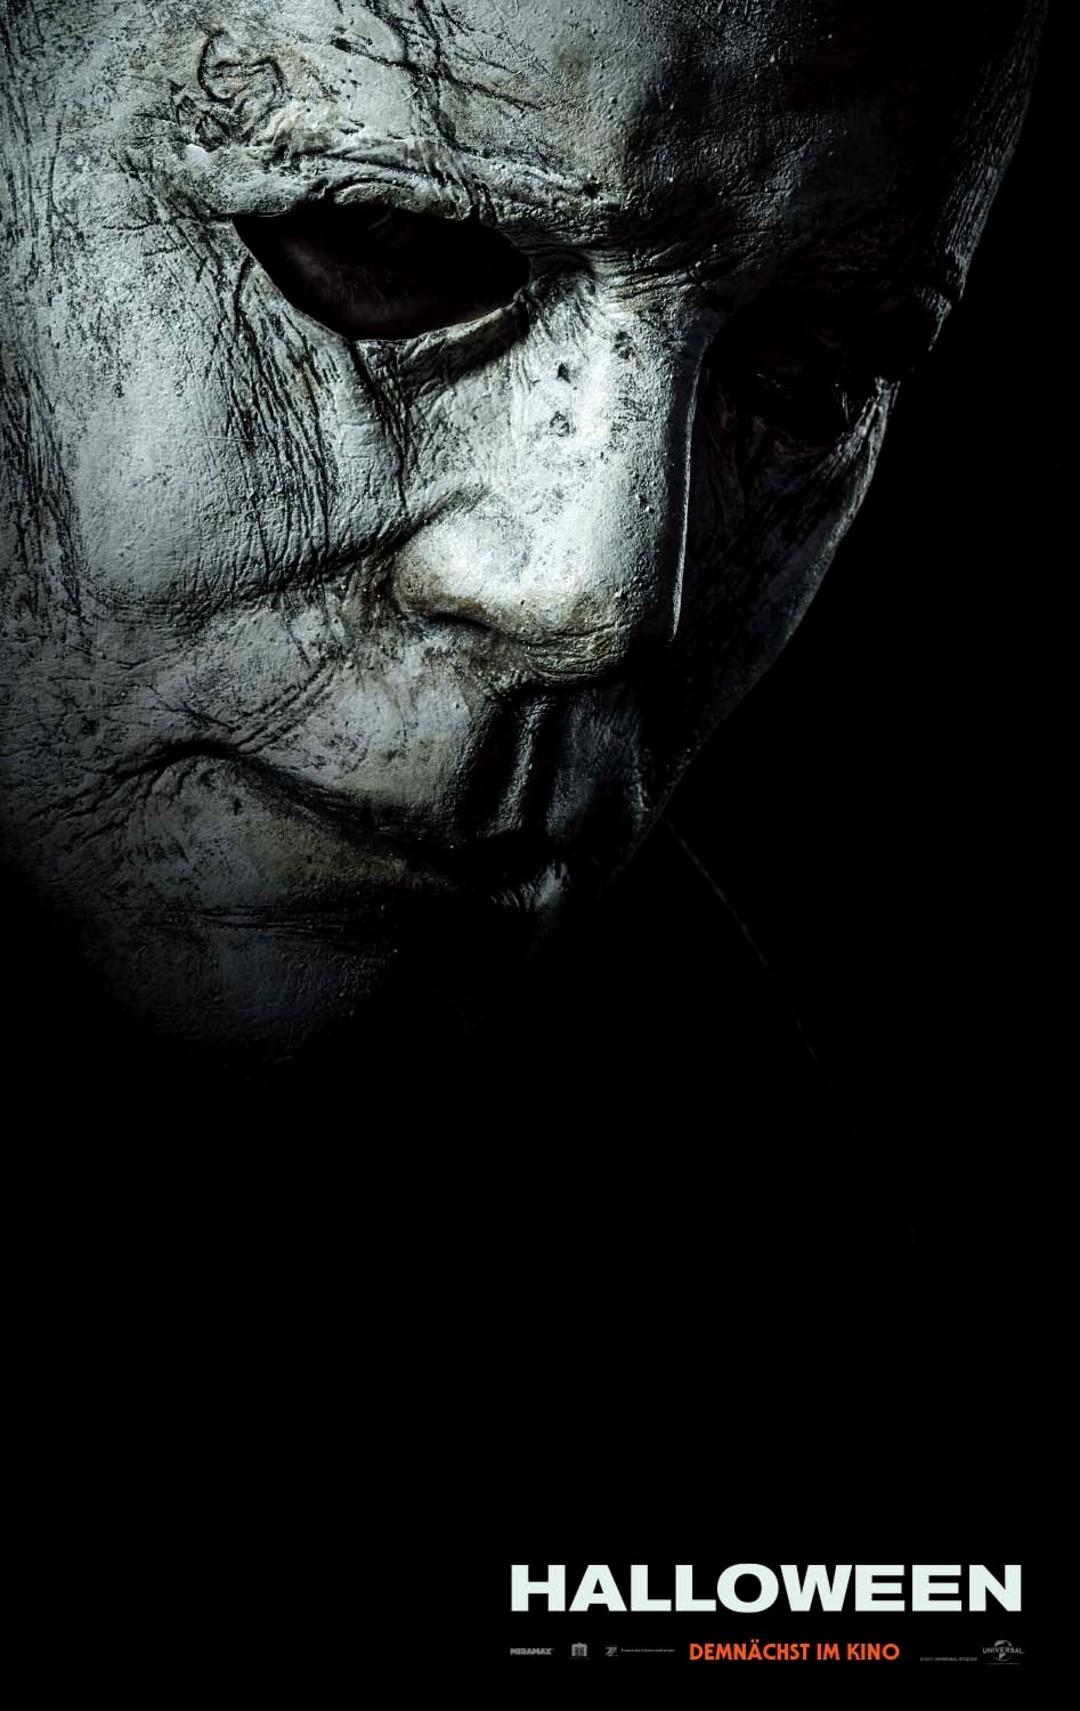 Halloween 2018: Erstes Poster zum Horror - Bild 1 von 2